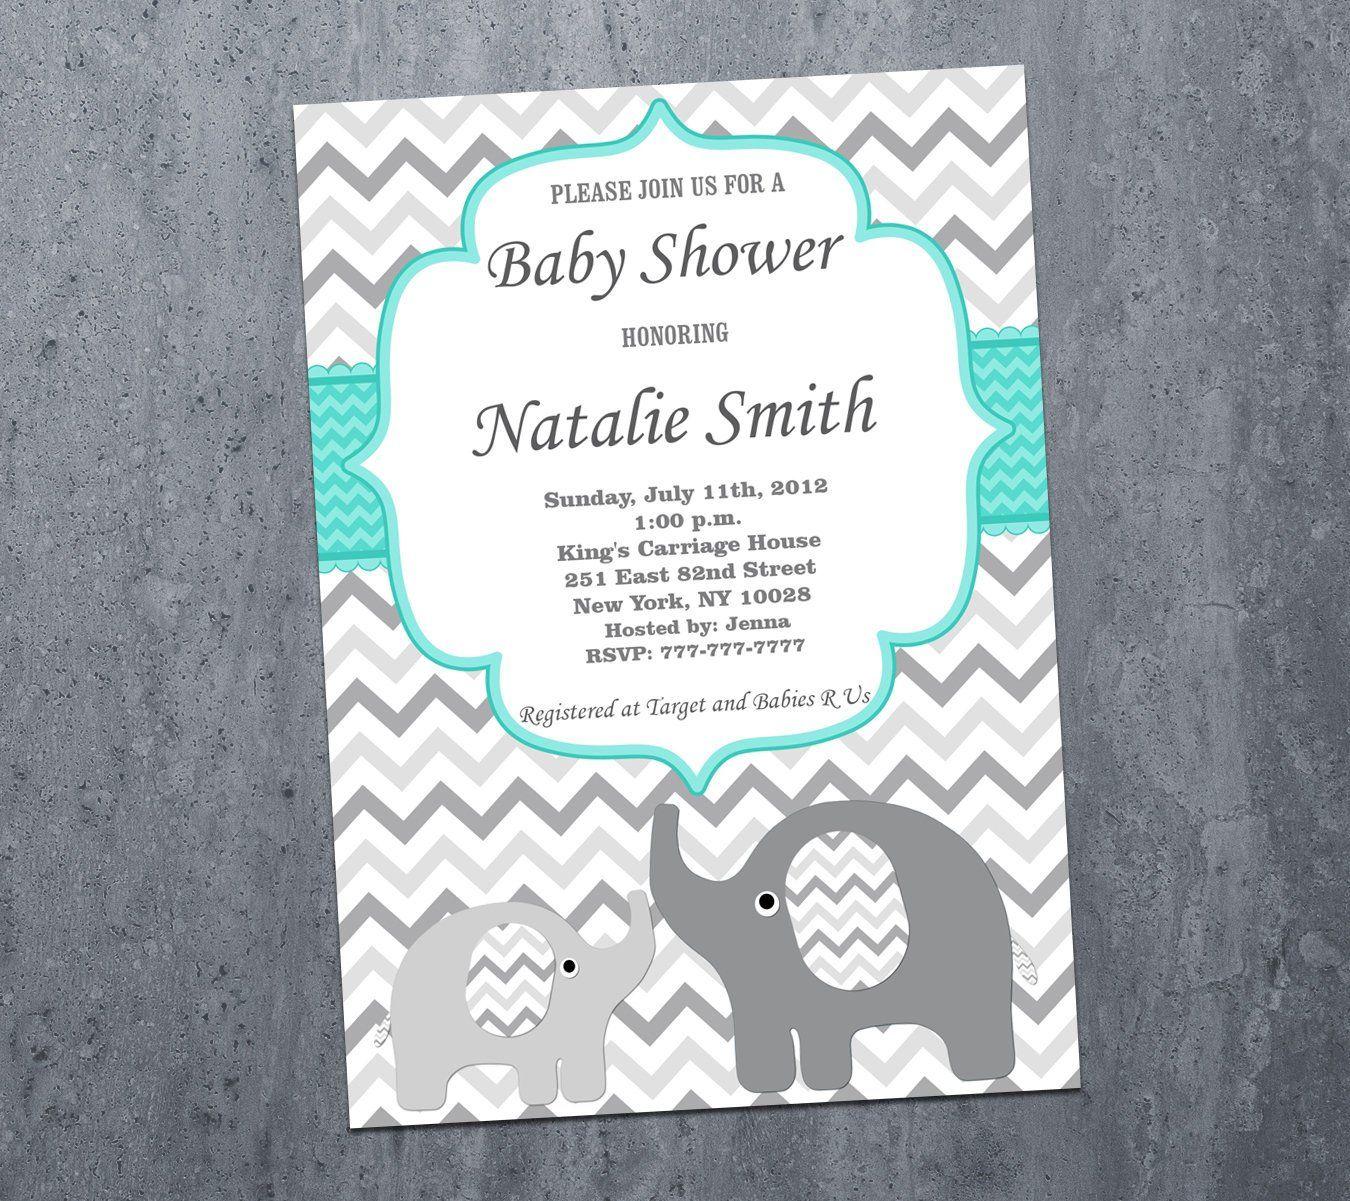 Baby Shower Invitations Boy Girl, Elephant Baby Shower Invitation ...